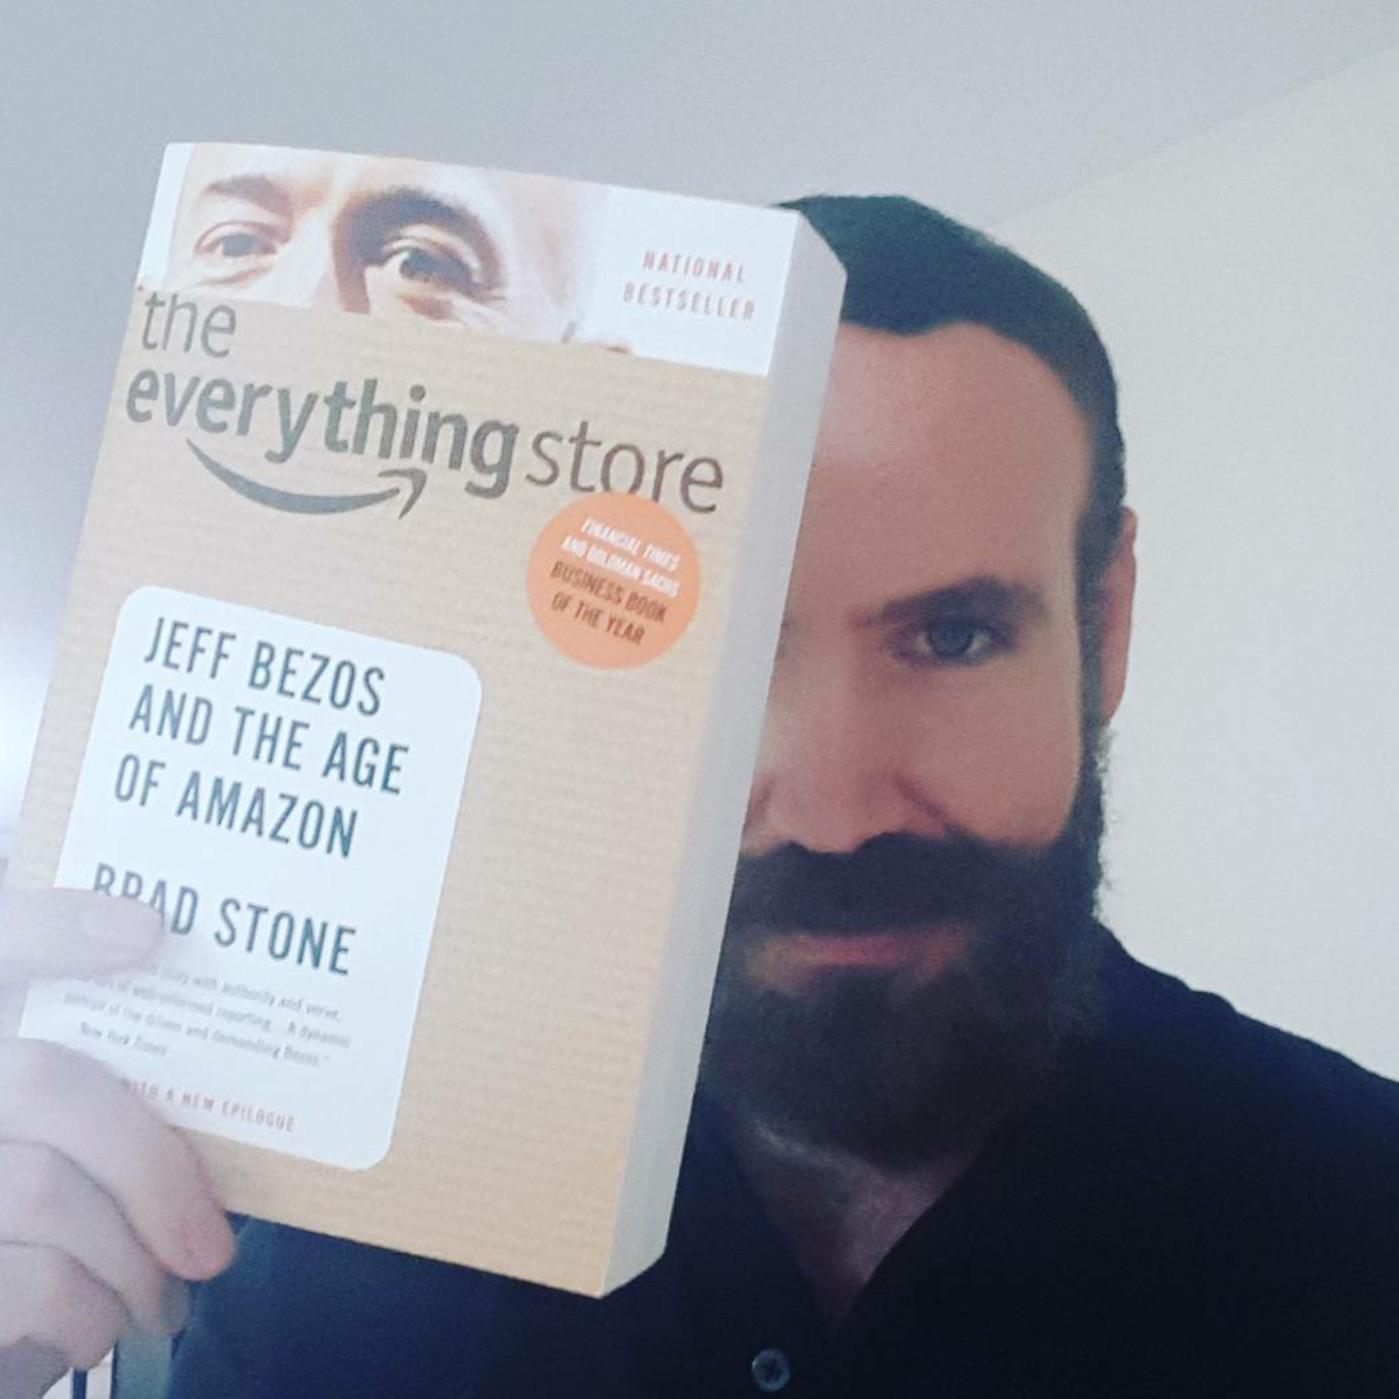 Análisis Libro - La Tienda de Todo (The Everything Store)